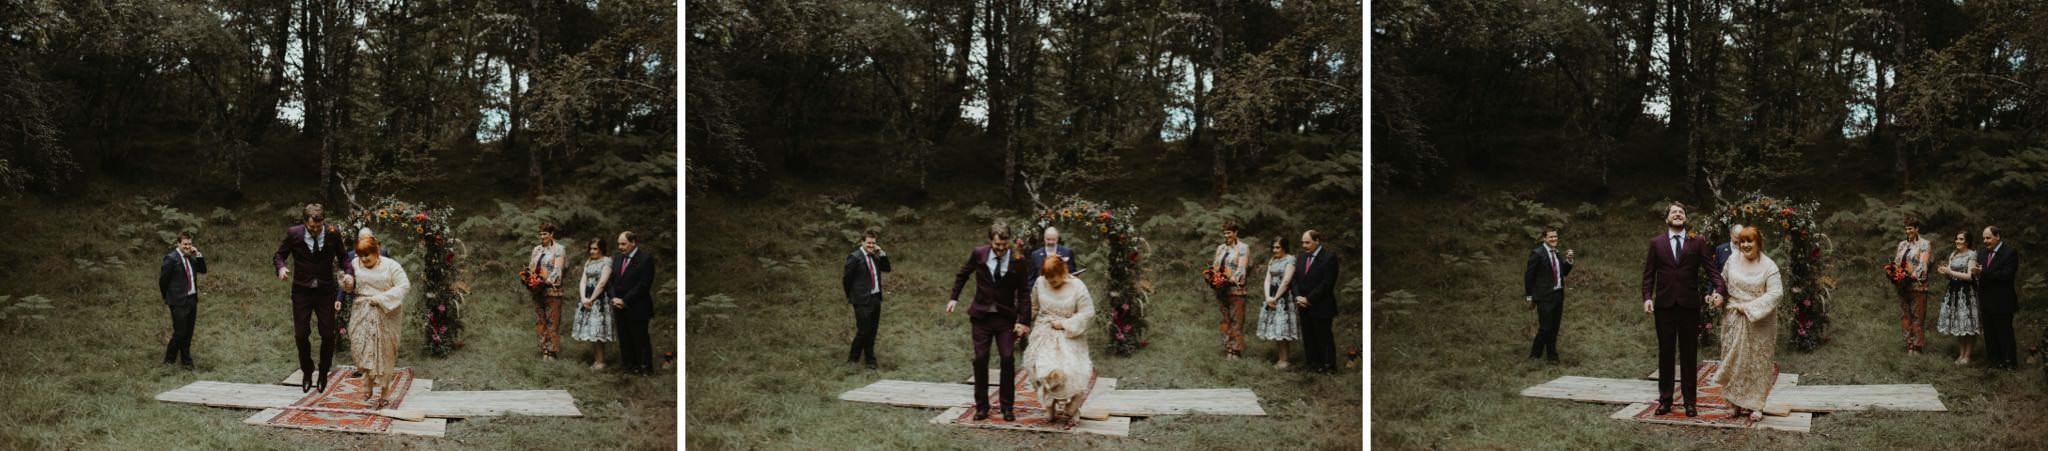 boho forest wedding 084